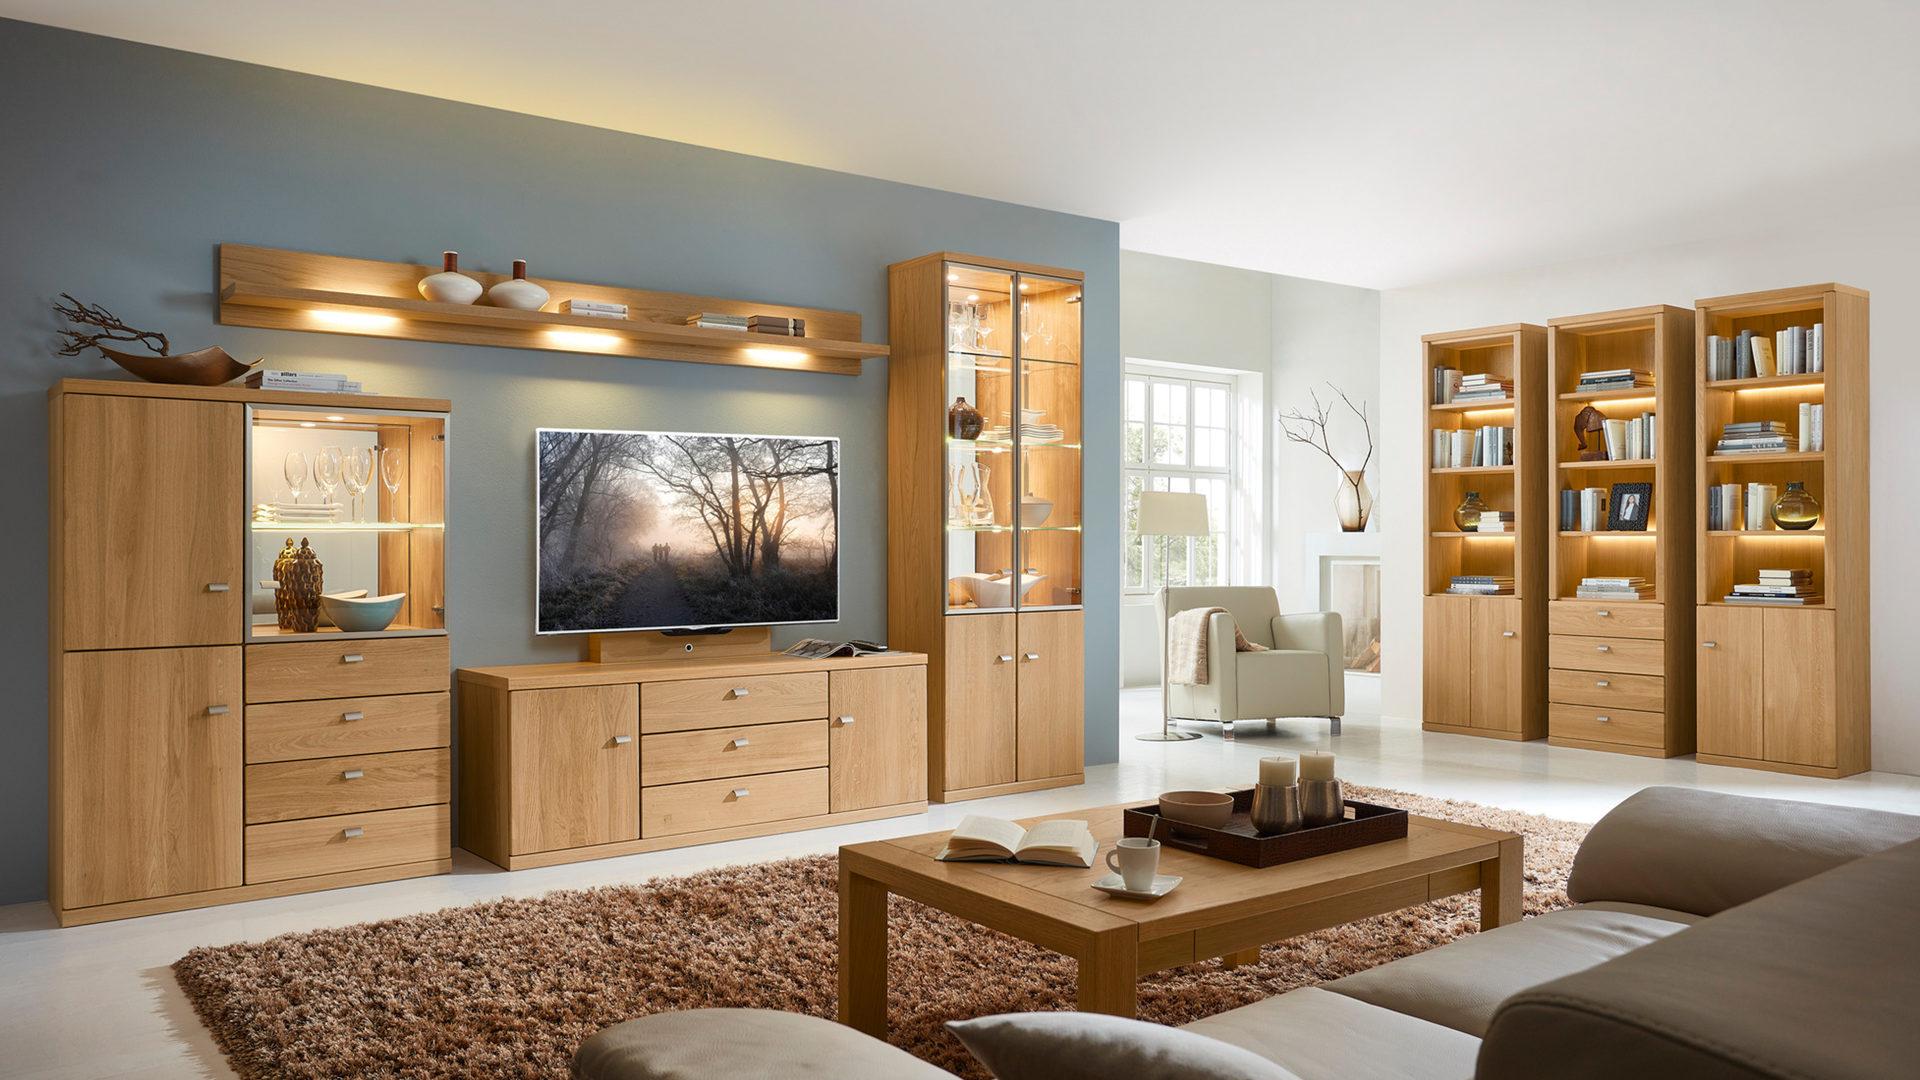 Büromöbel schrank günstig  Möbel Bernskötter Mülheim, Möbel A-Z, Büromöbel, ALLE Büromöbel ...